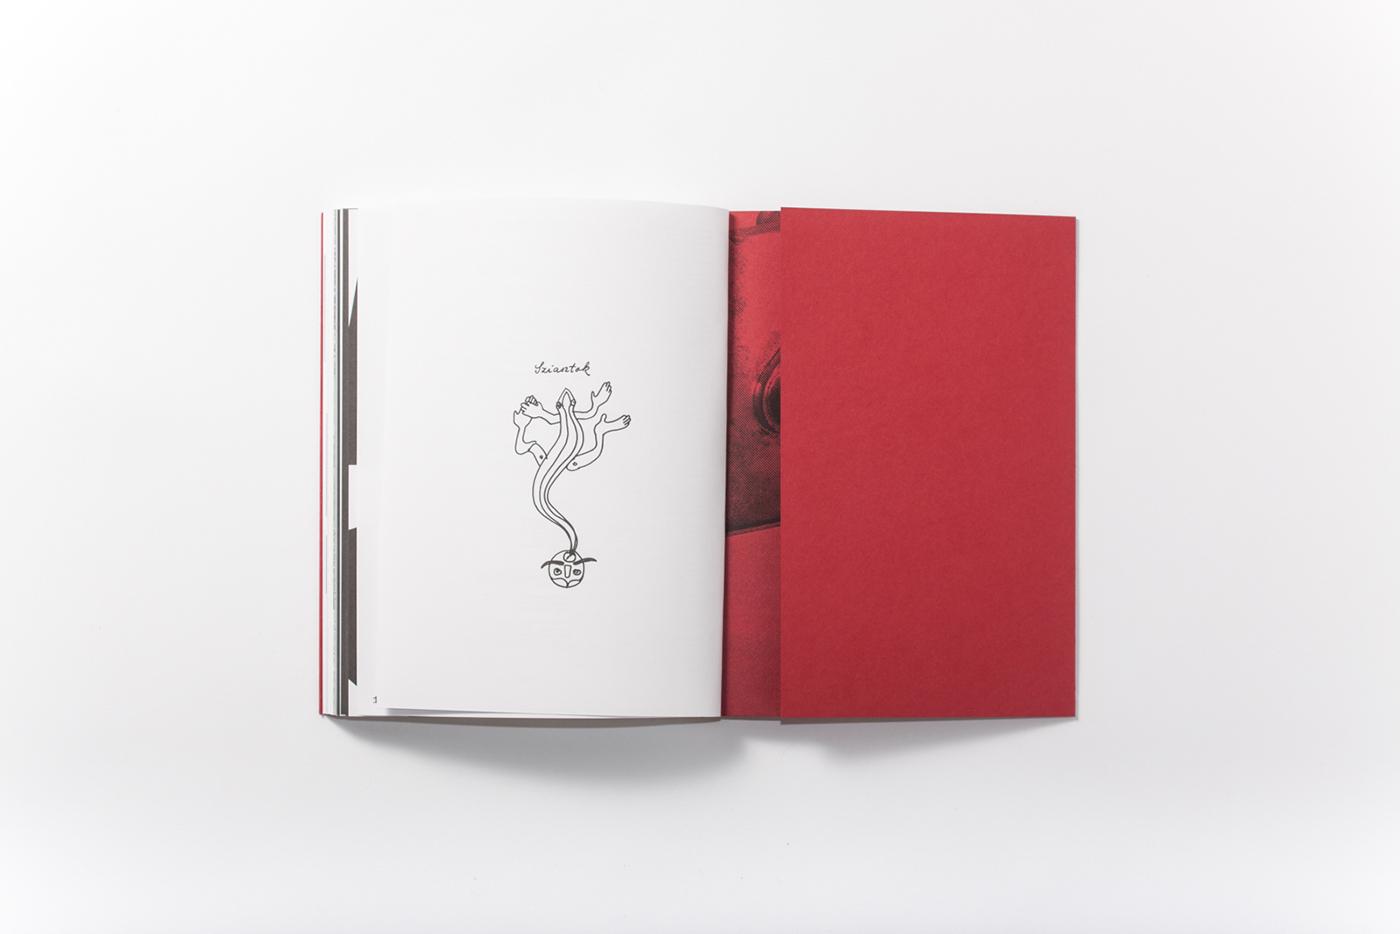 book Album Schéner toys sculptures art